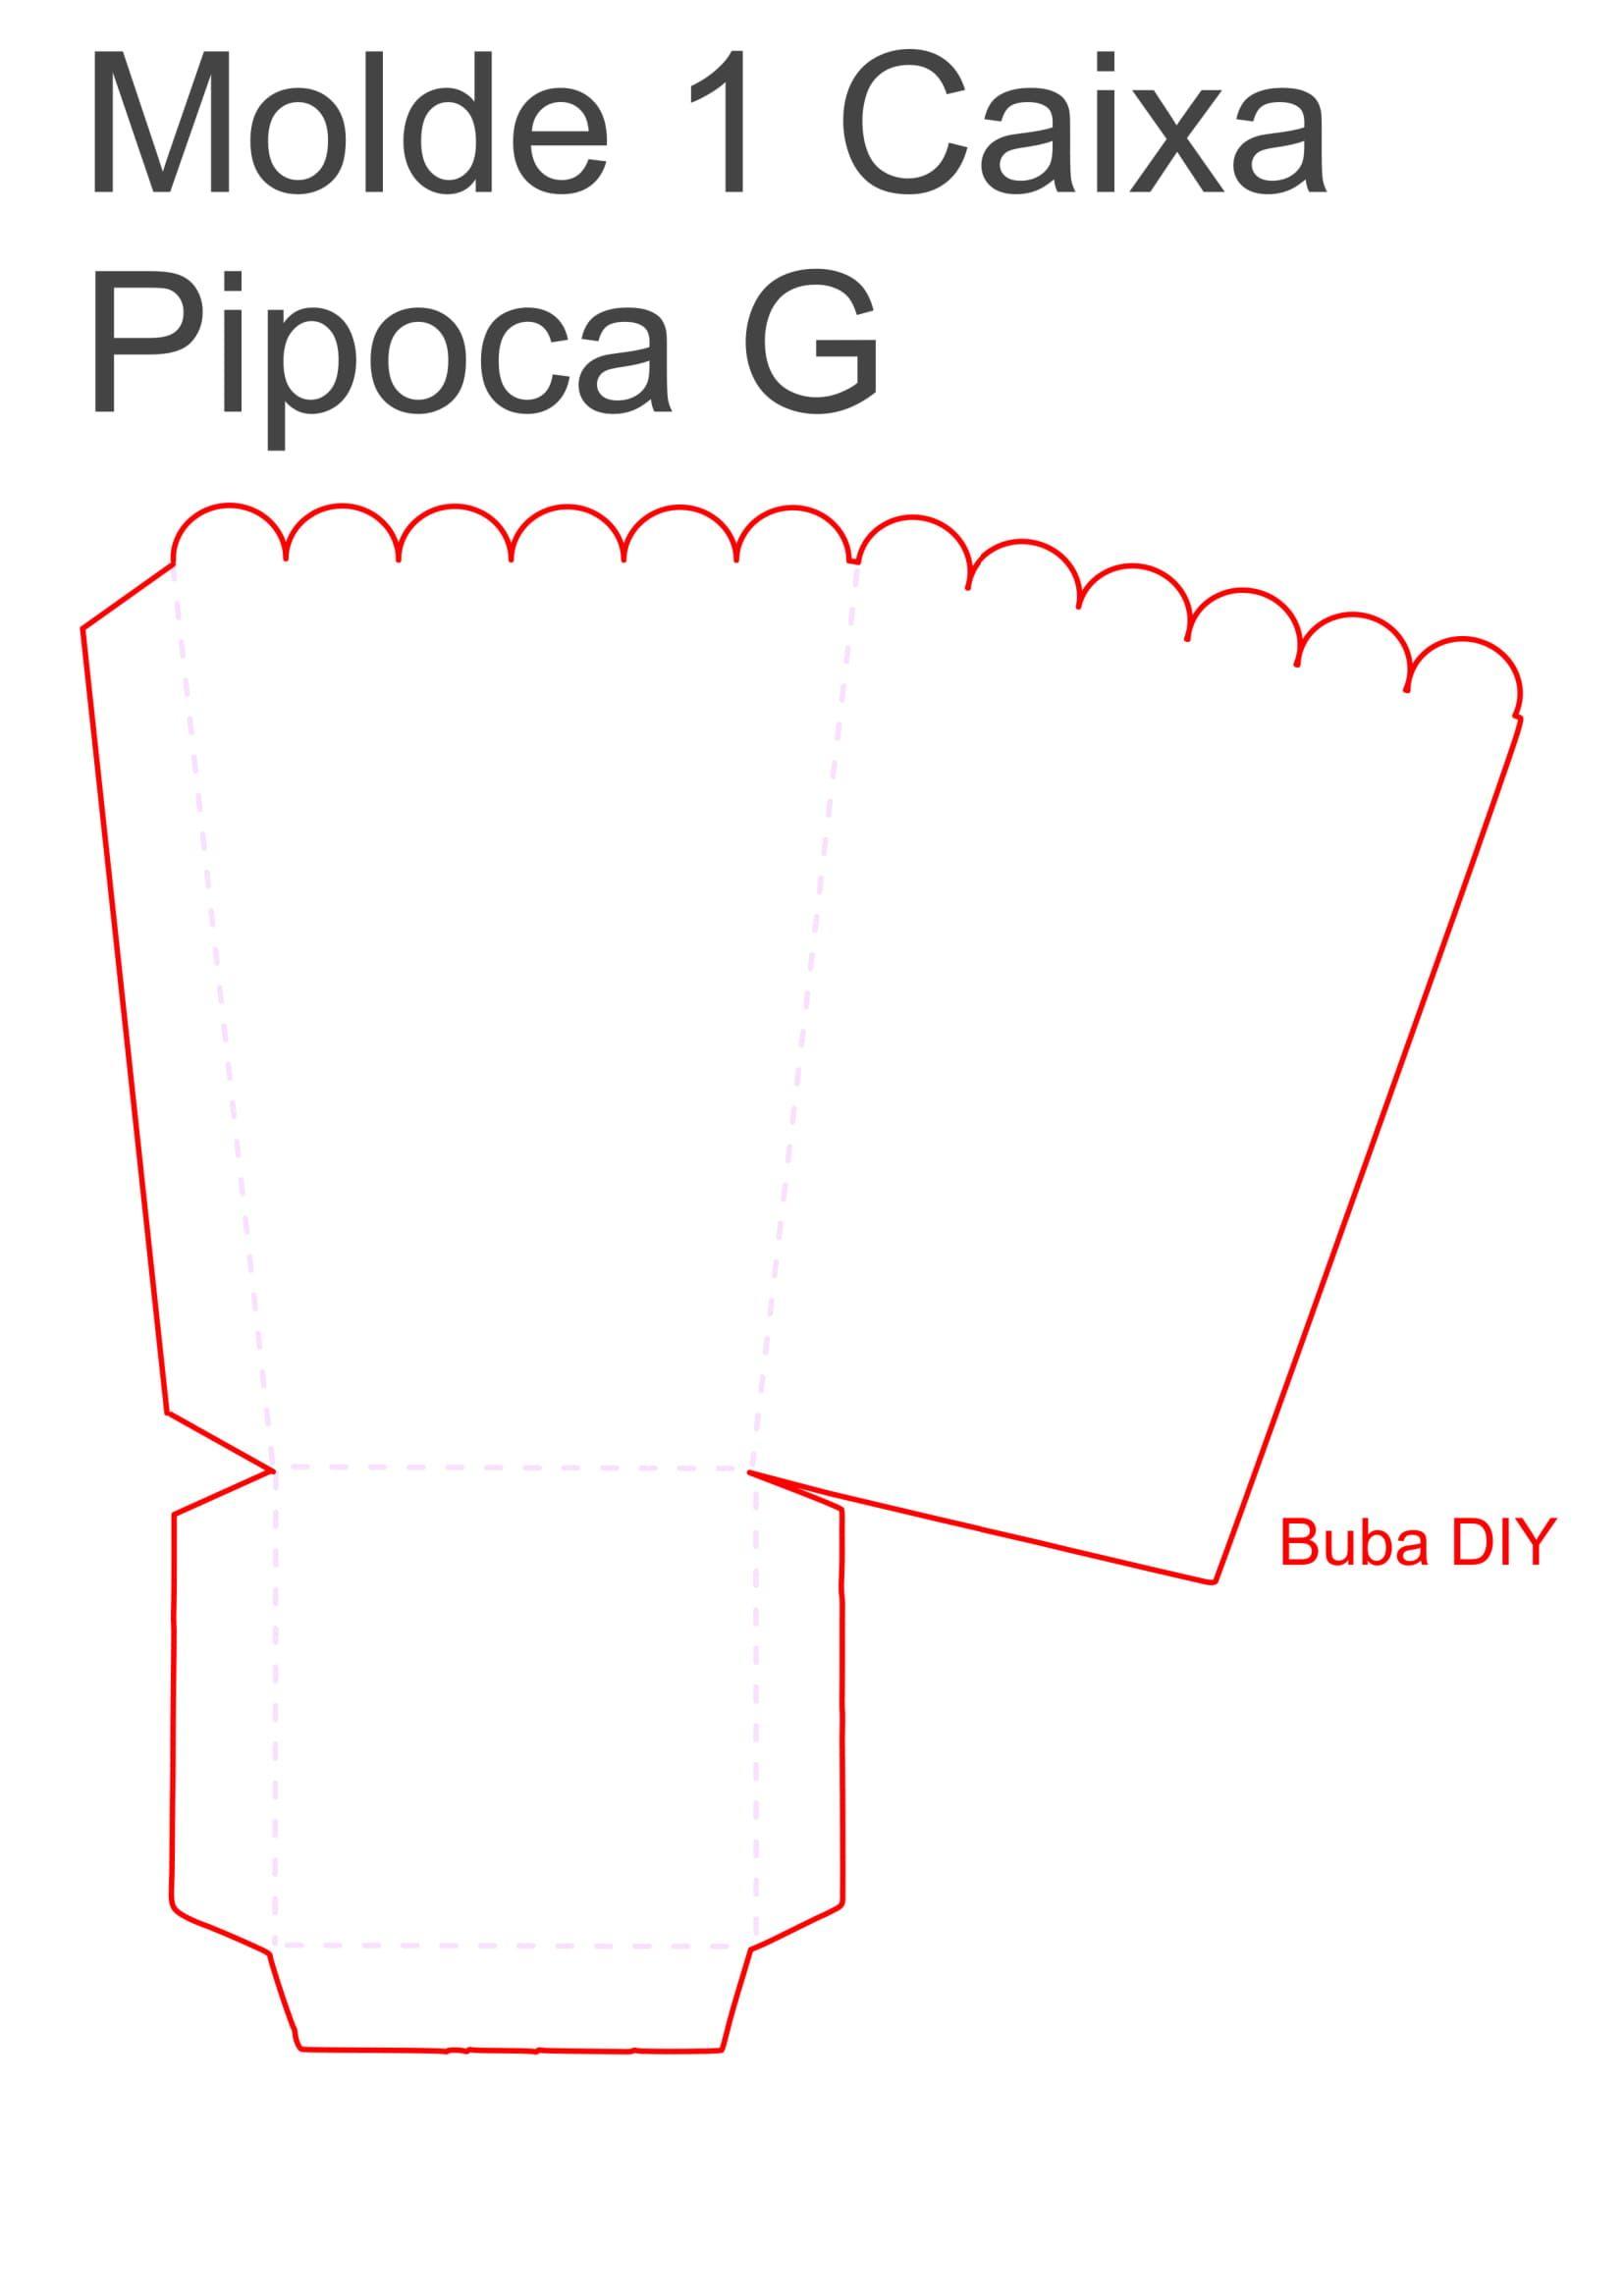 Decoração cinema - molde 1 caixa pipoca grande | Moldes Buba DIY ...